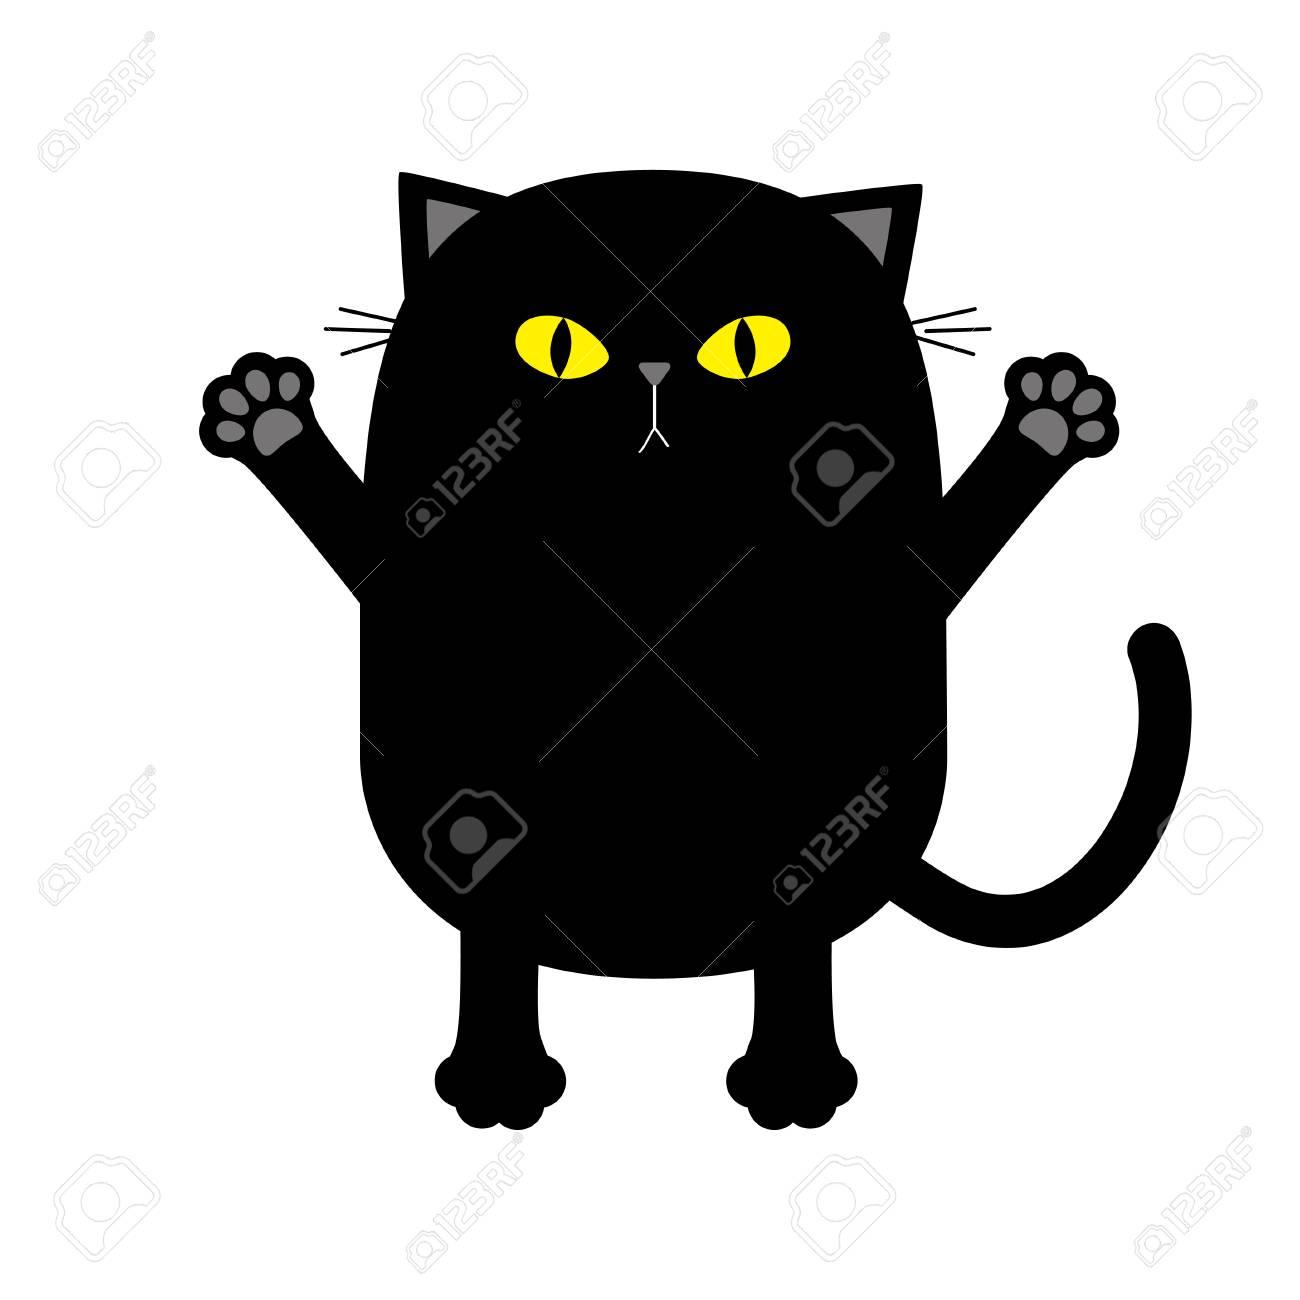 Les Yeux Jaunes De Chat Noir Pret Pour Un Etreindre Patte De Main